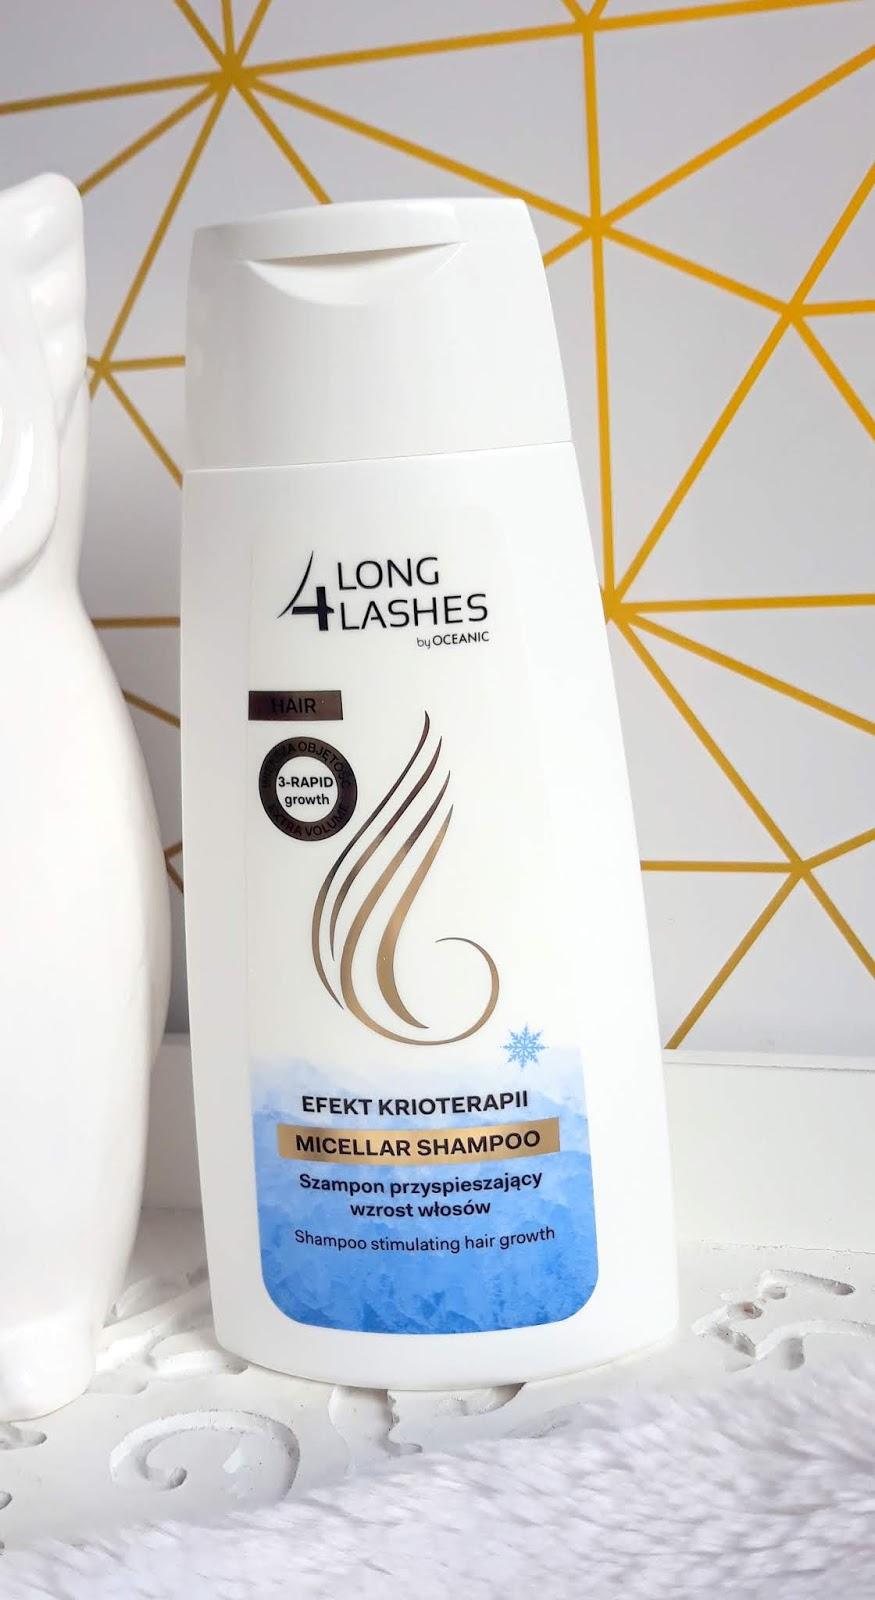 LONG4LASHES produkty z efektem krioterapii